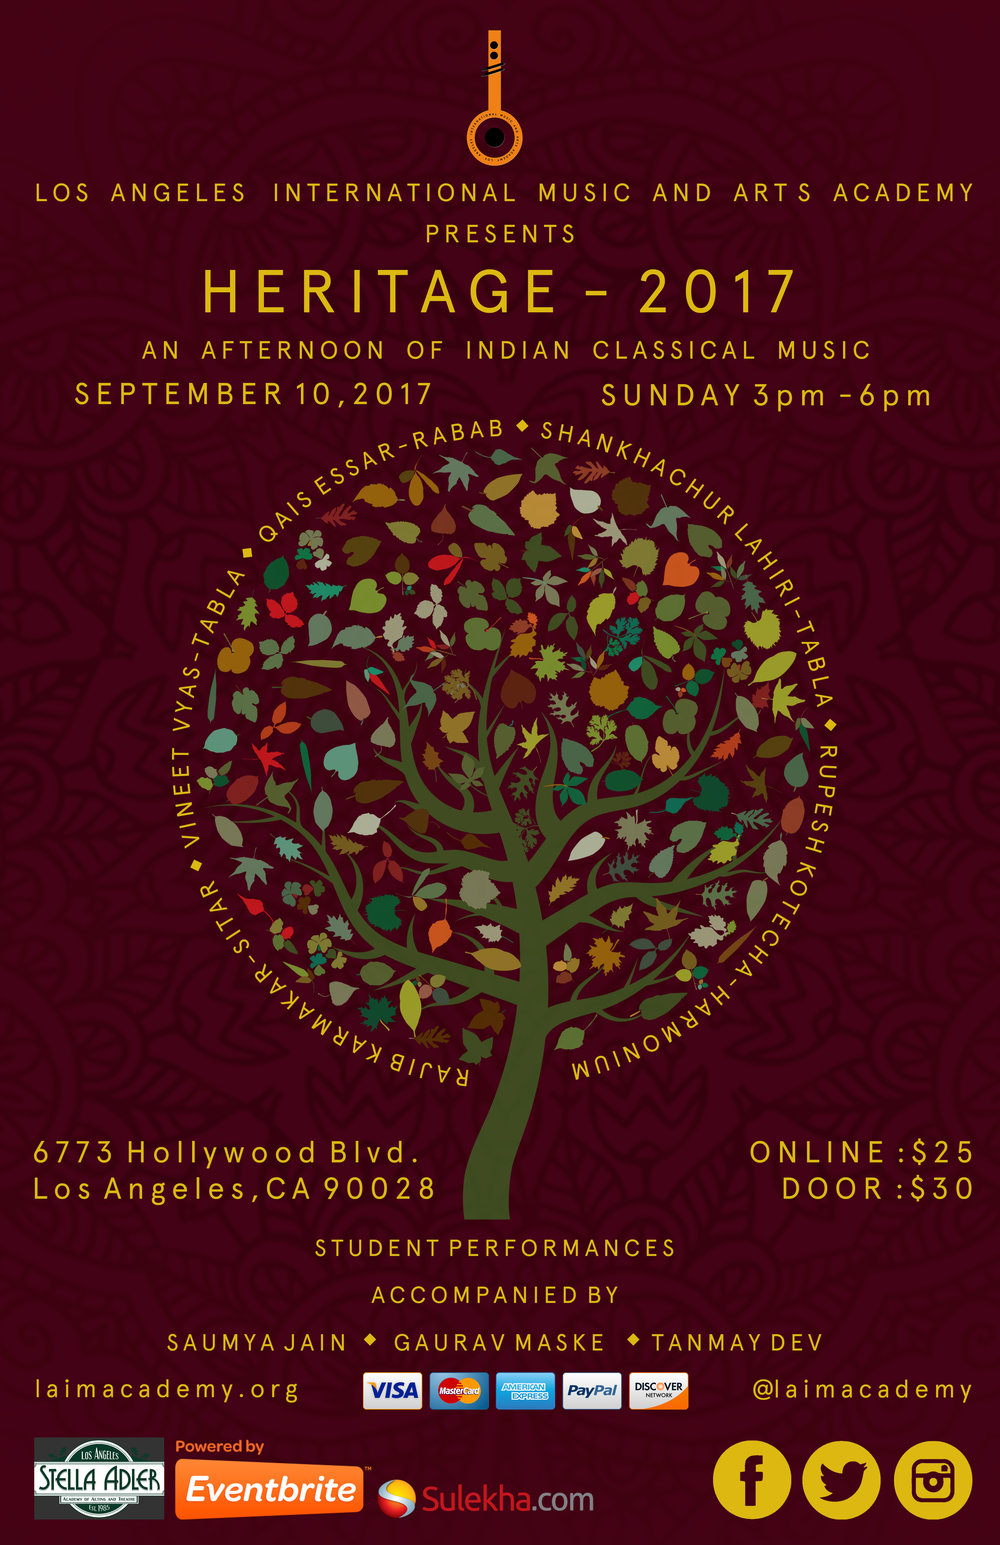 September 10 2017 - Sunday3 pm - 6 pm